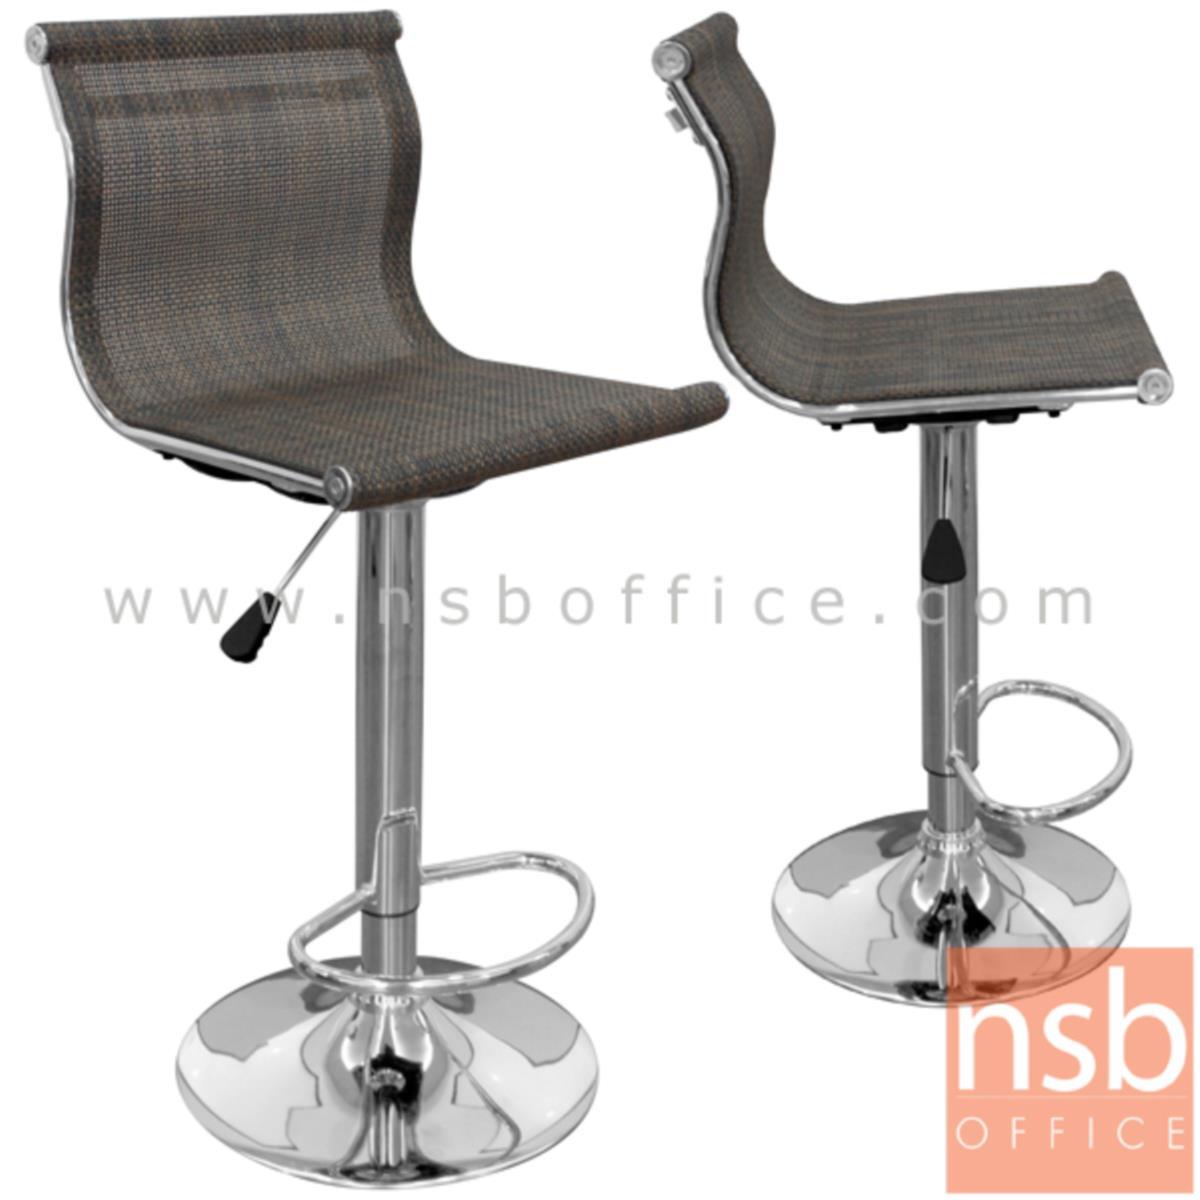 B09A100:เก้าอี้บาร์สูงที่นั่งเน็ต รุ่น BH-971 ขนาด 44W cm. โช๊คแก๊ส ขาโครเมี่ยมฐานจานกลม